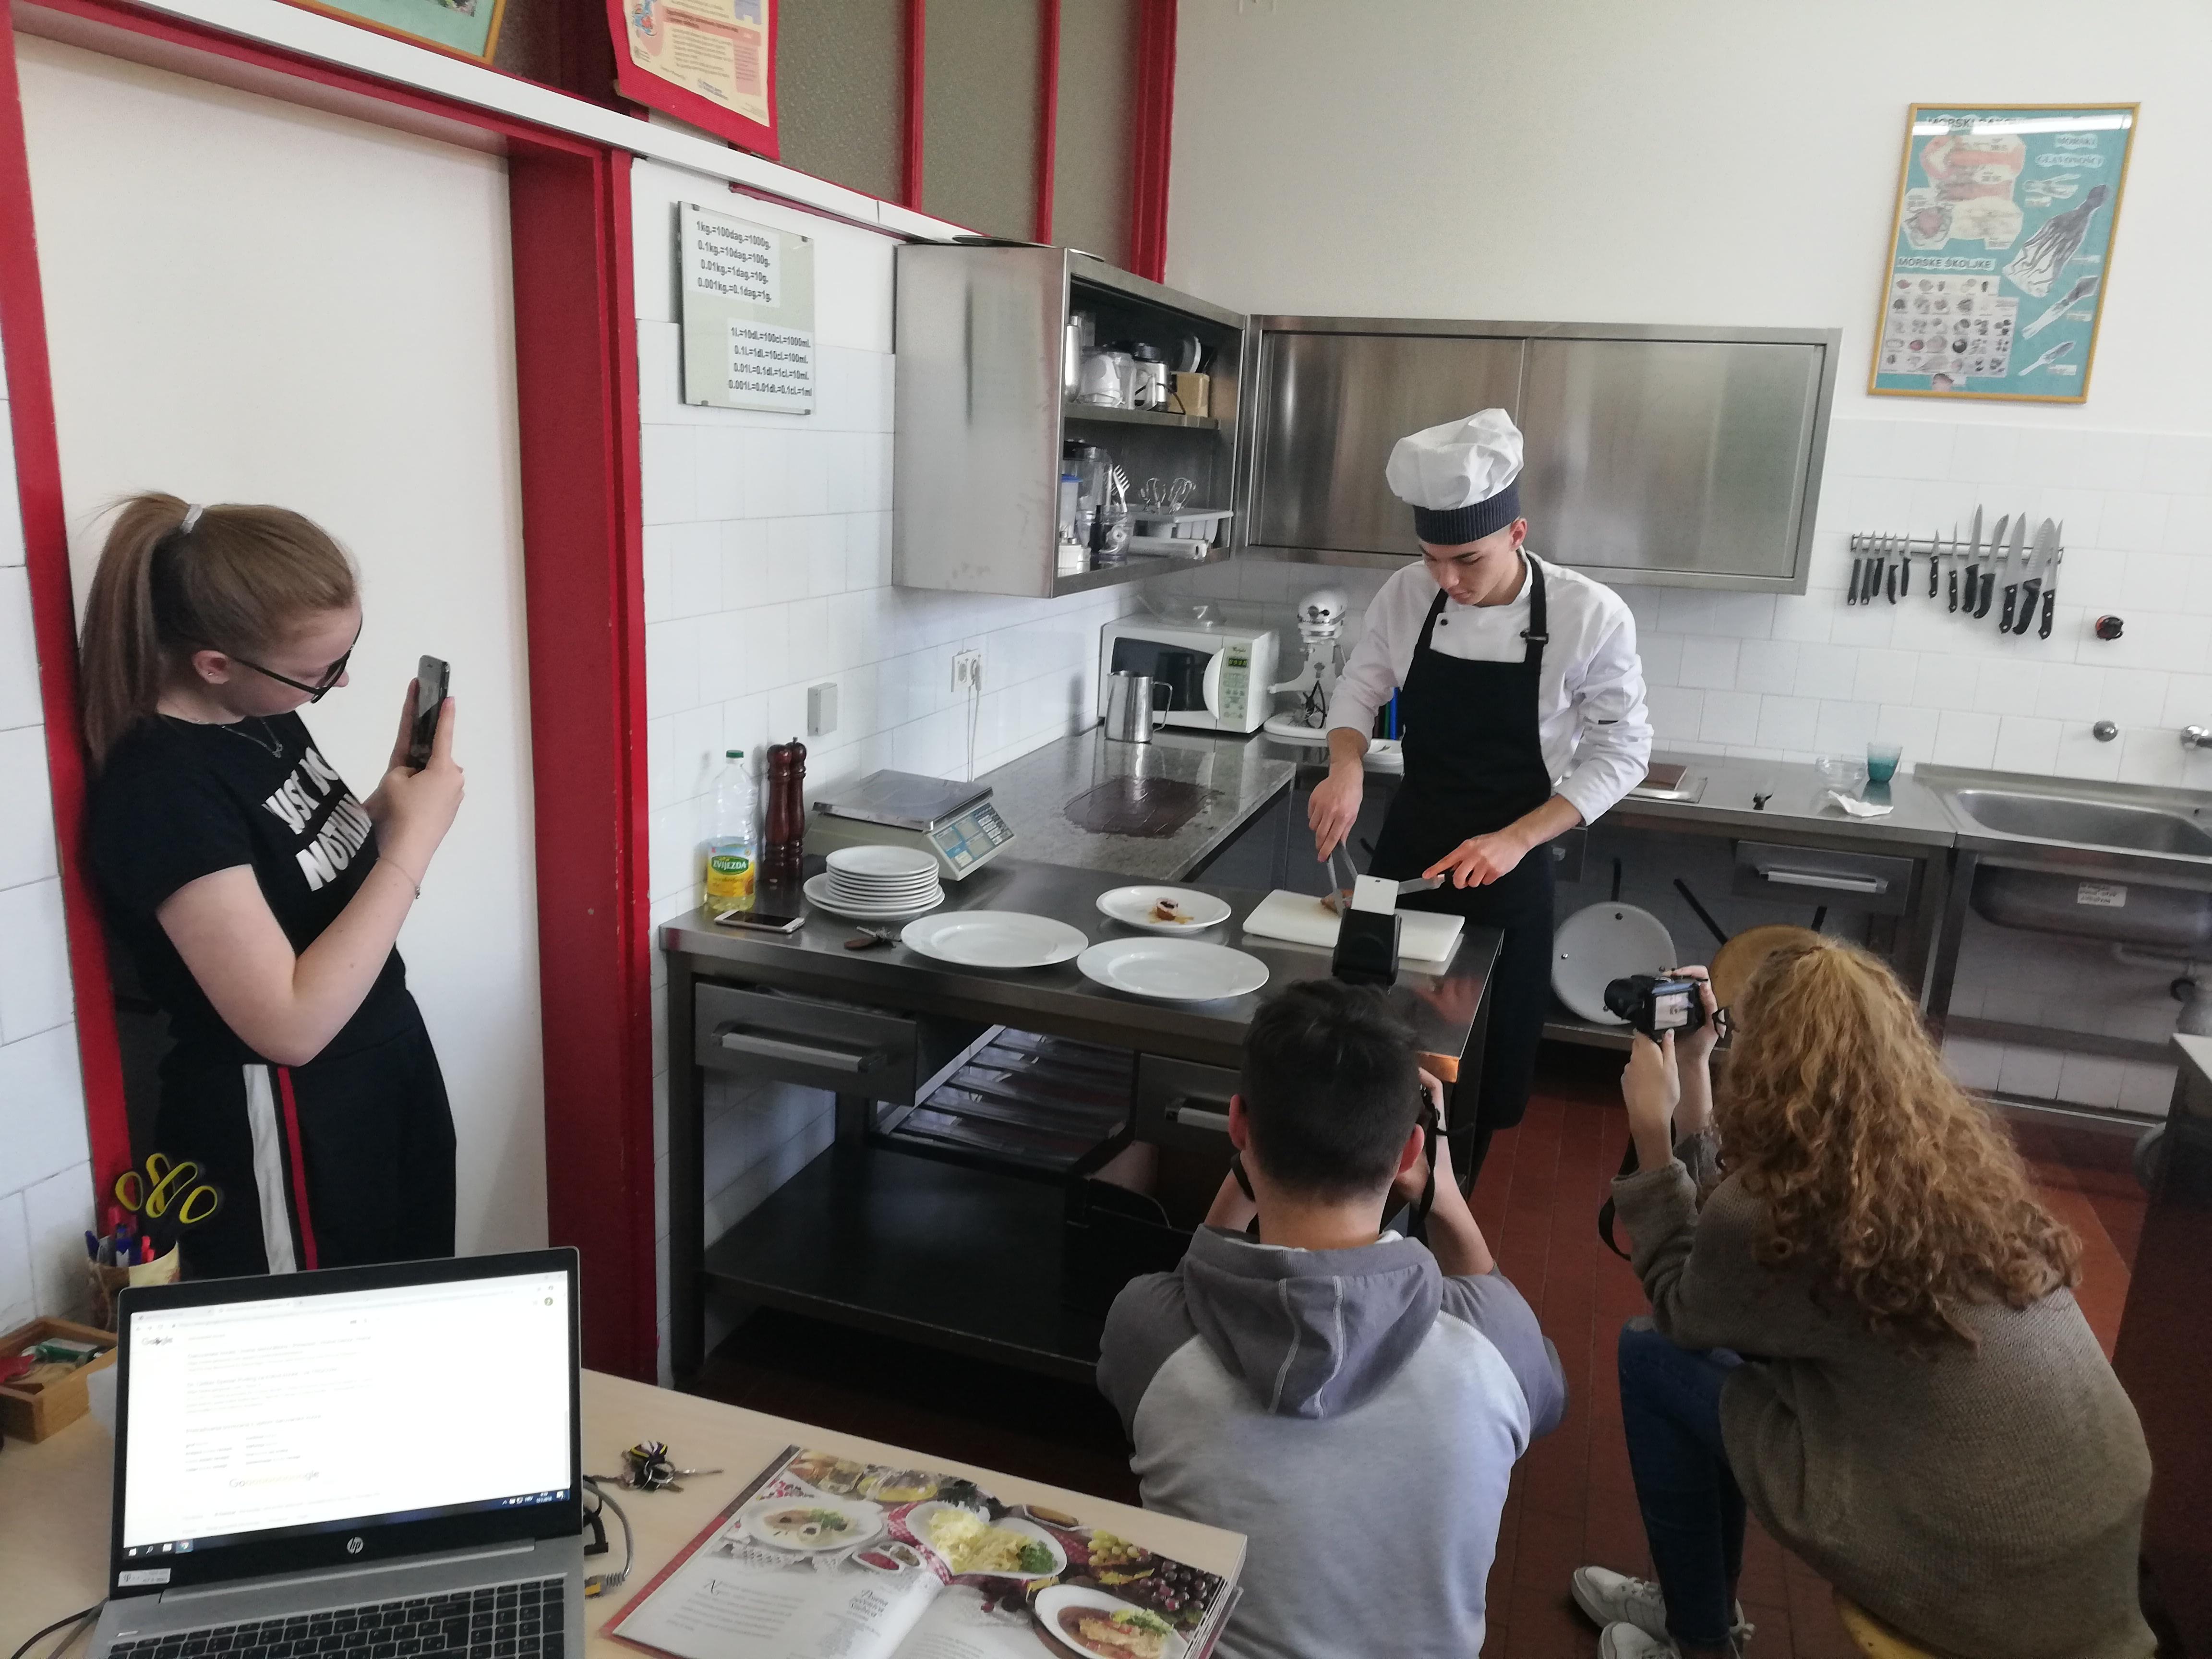 Fotografije za ovogodišnje natjecanje nastale su u školskom praktikumu za kuharstvo